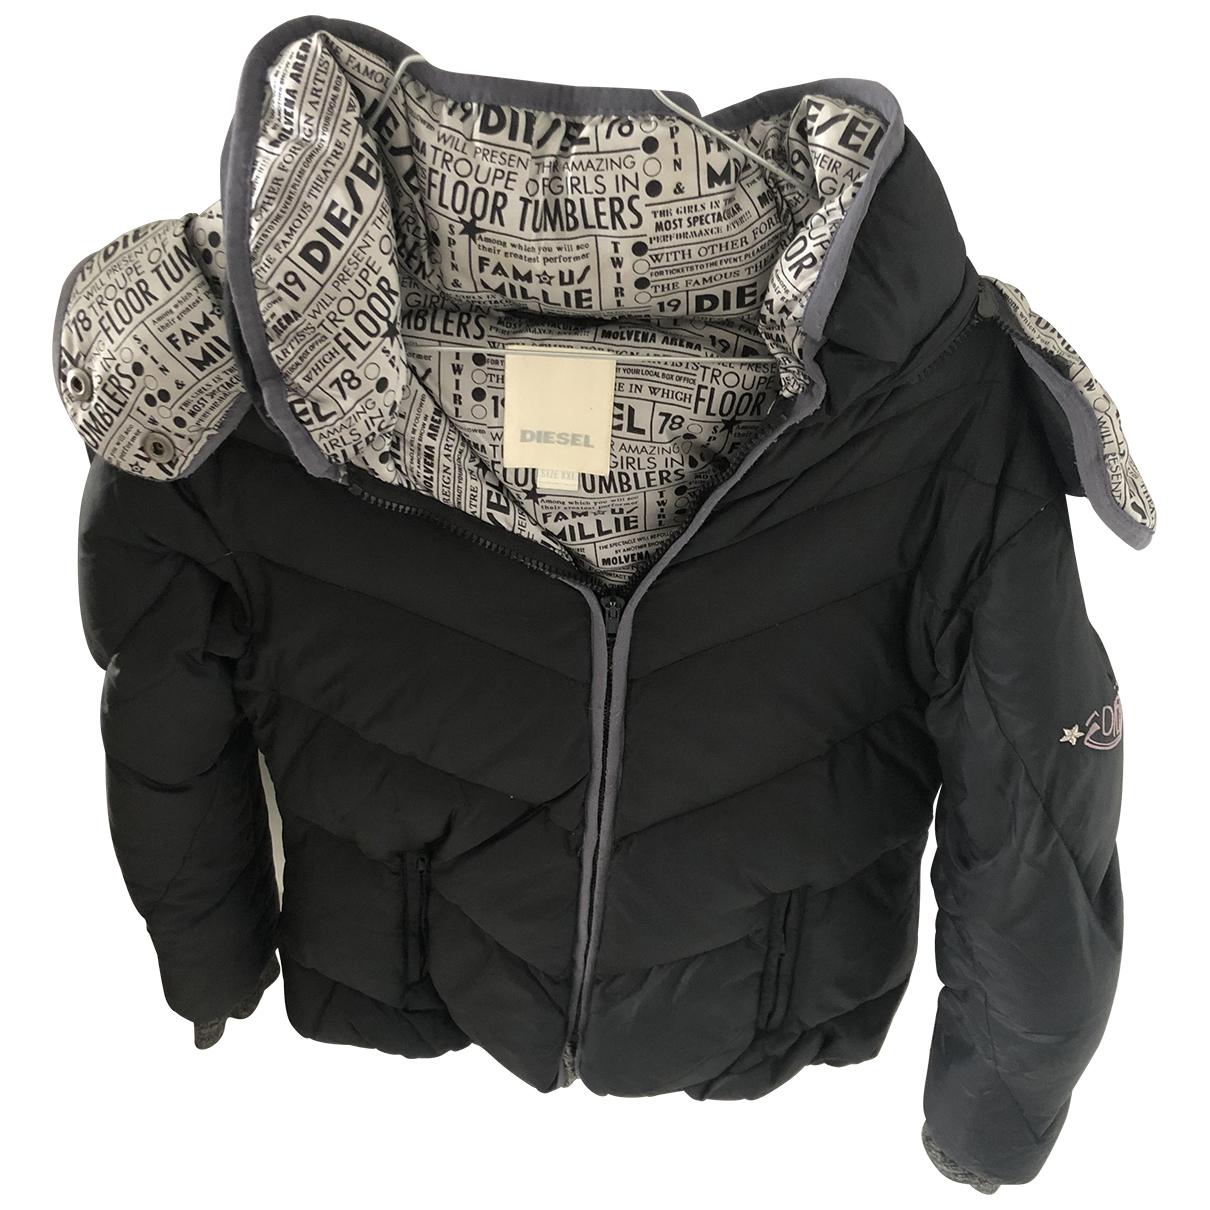 Diesel \N Black jacket & coat for Kids 20 years - XL FR